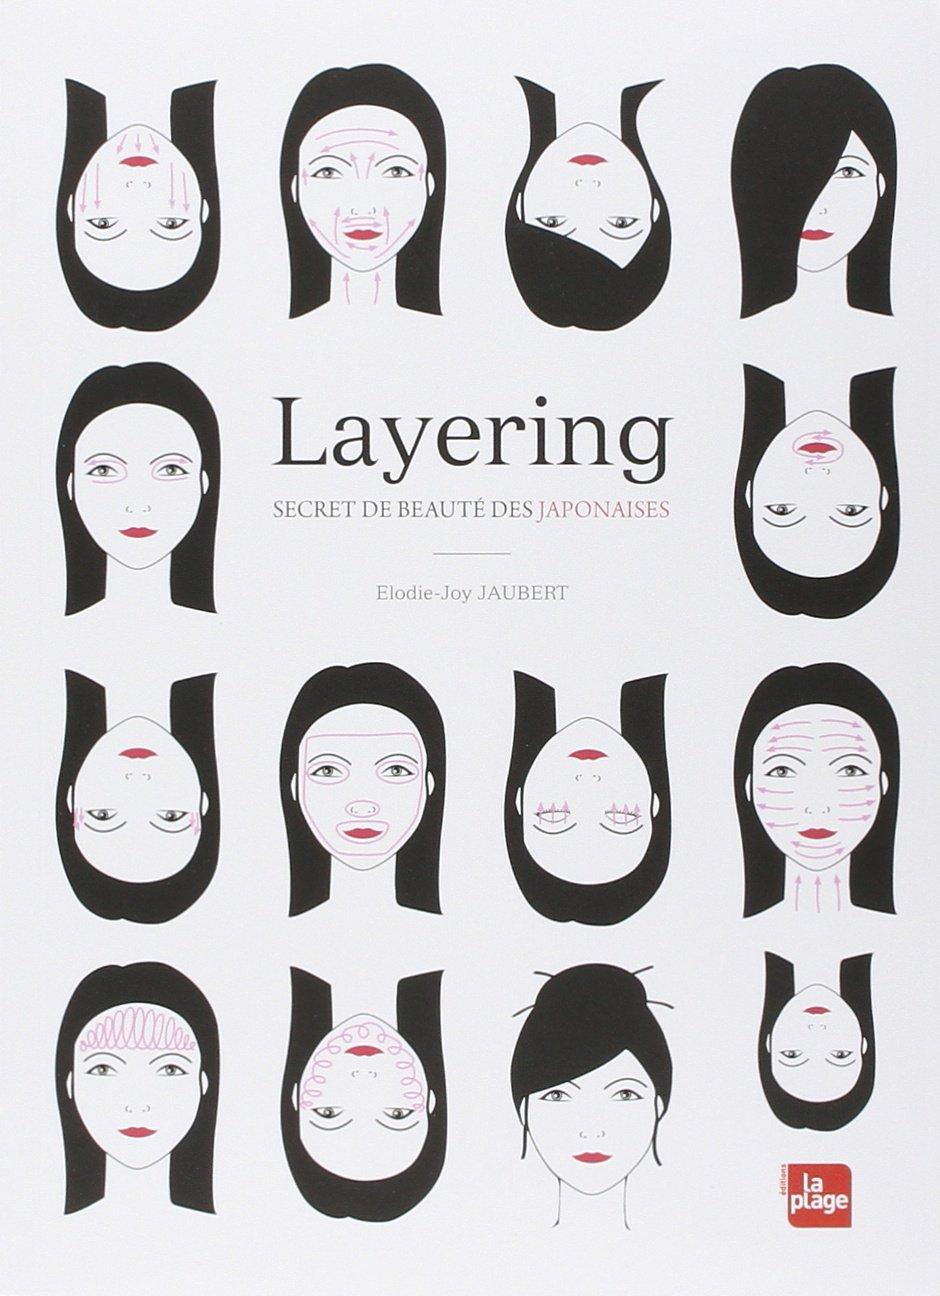 Layering, secret de beauté des japonaises  71oHw6tF4vL